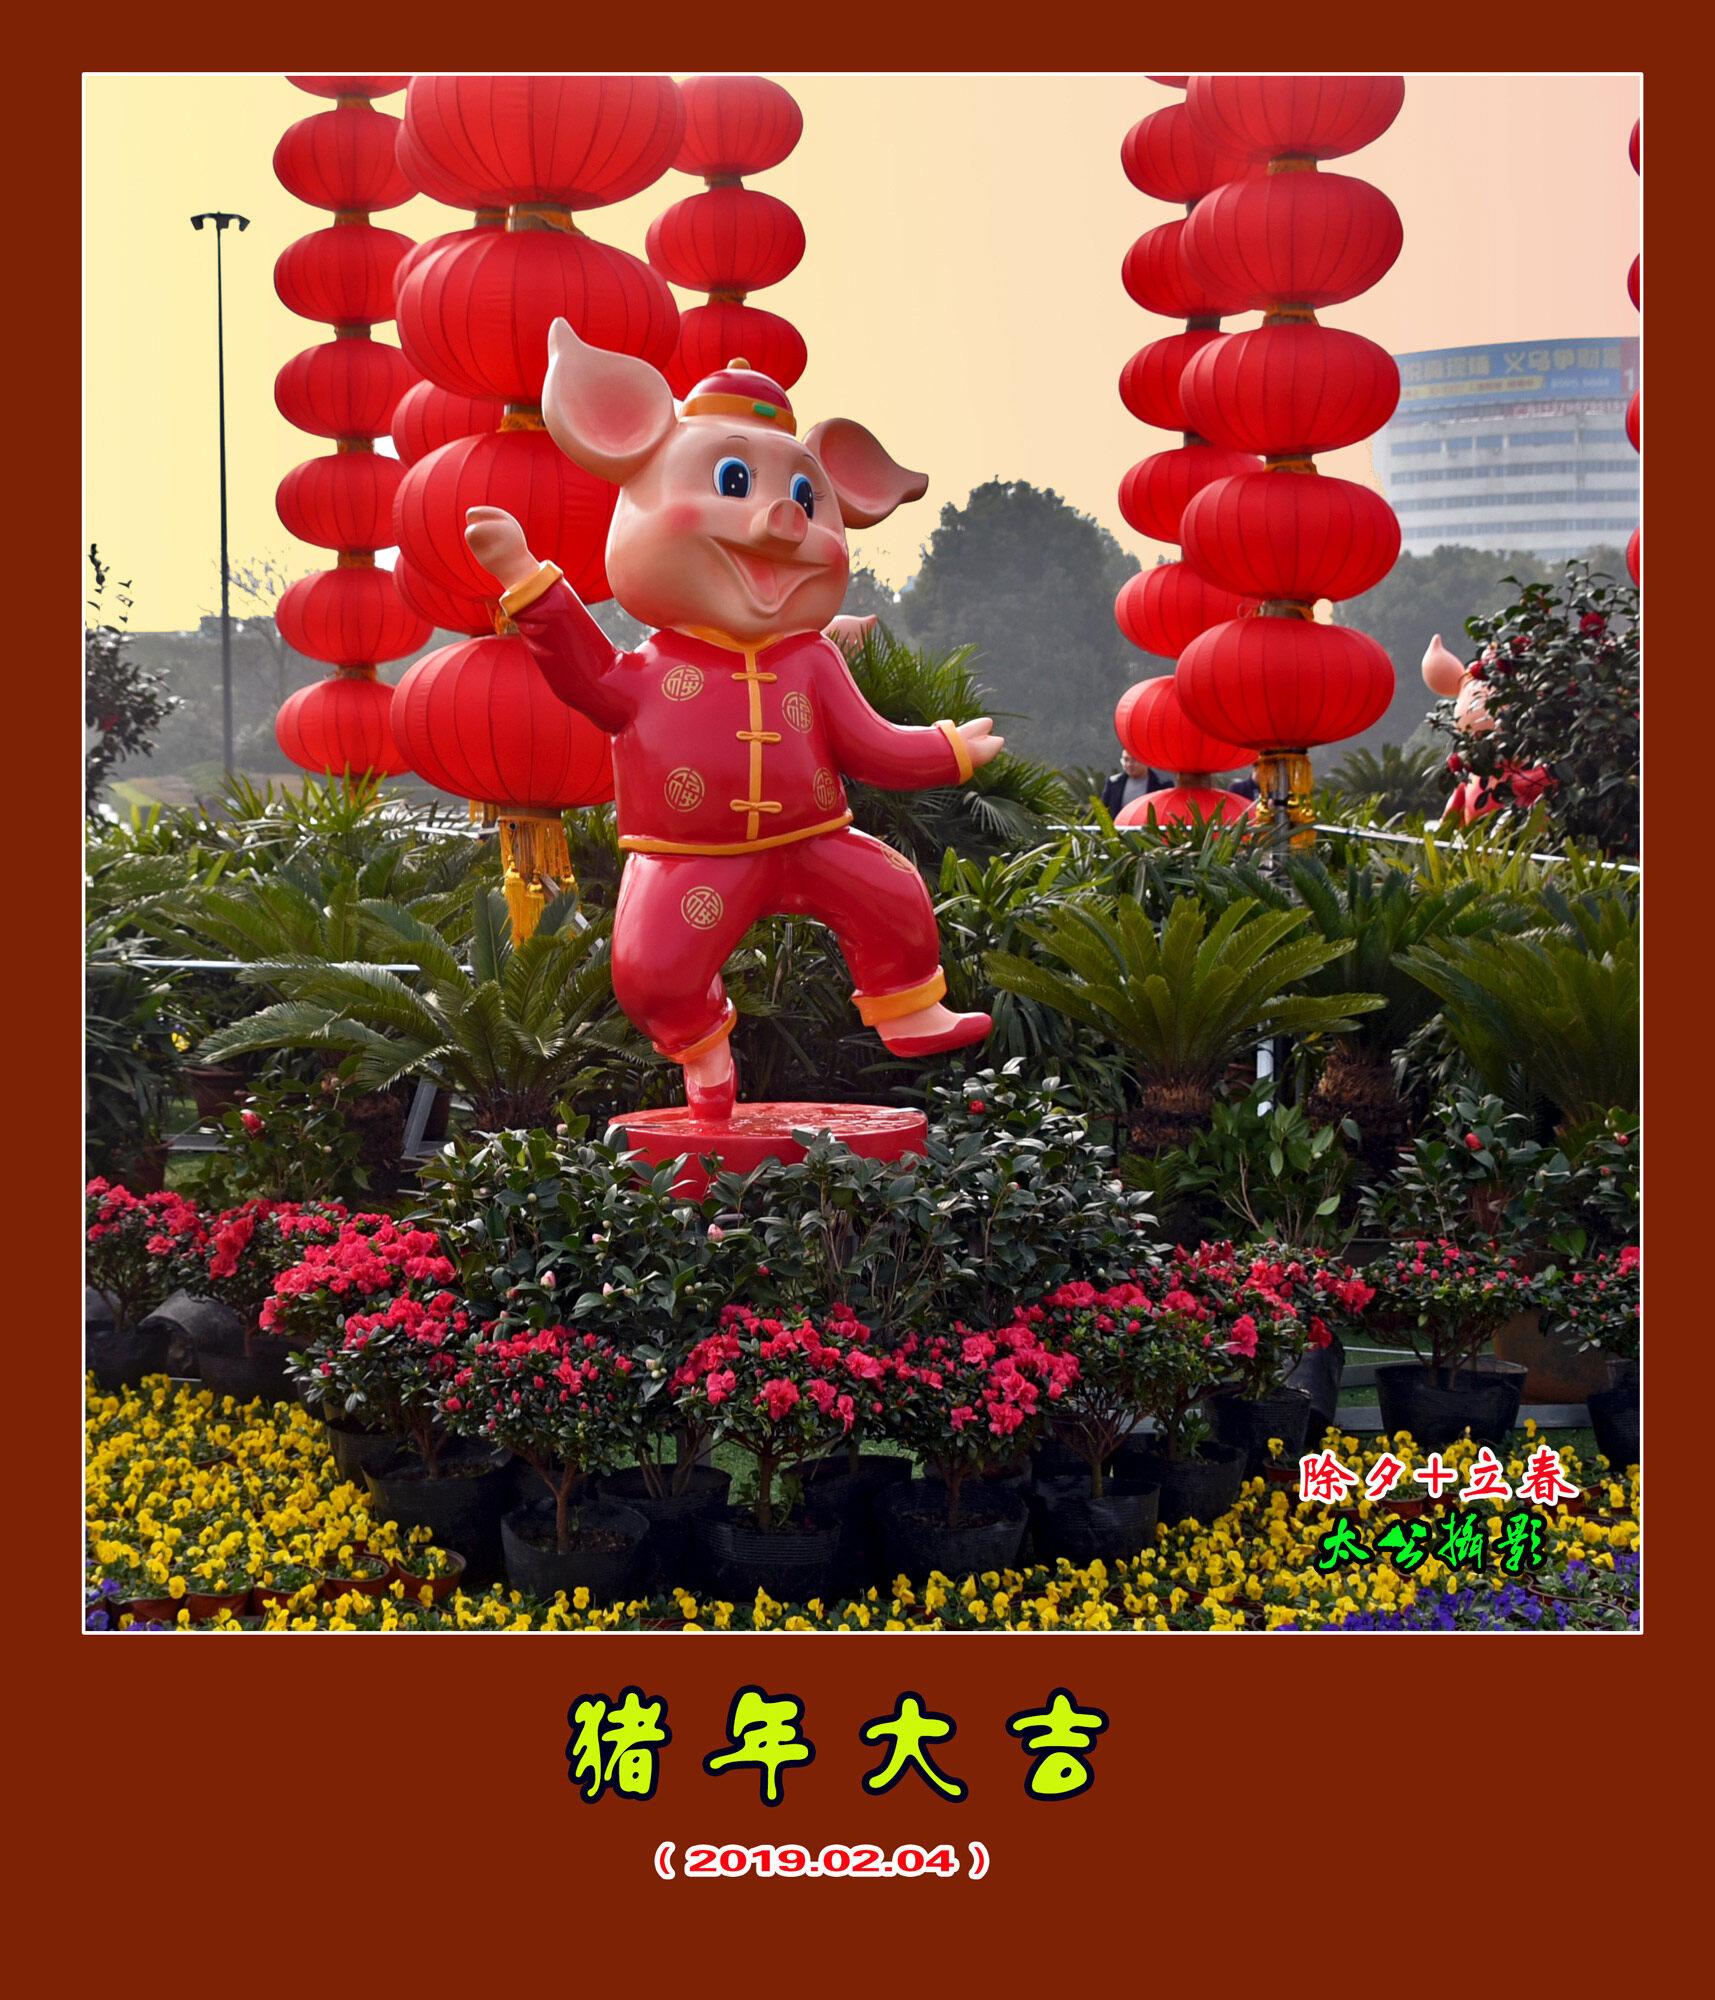 DSC_8790猪年大吉.jpg 1 2.jpg